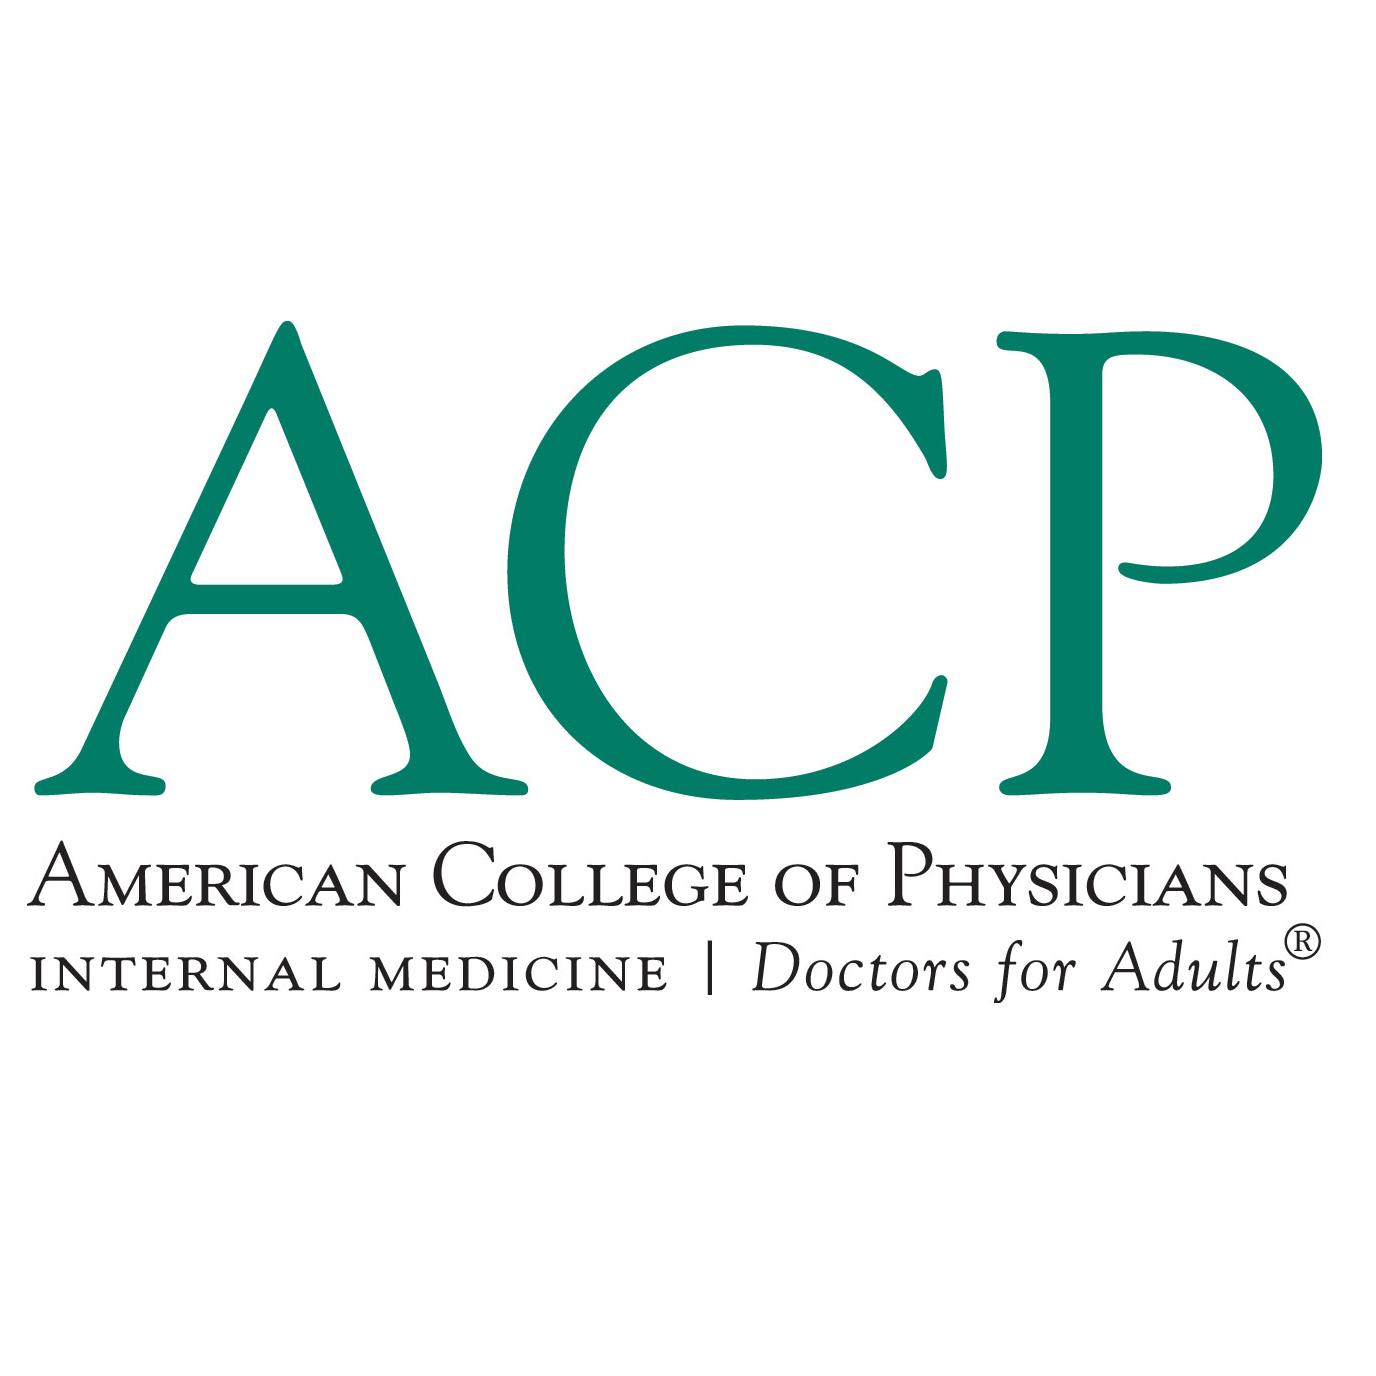 যেভাবে বিনামূল্যে হবেন ACP এর স্টুডেন্ট মেম্বার MACP (Student)